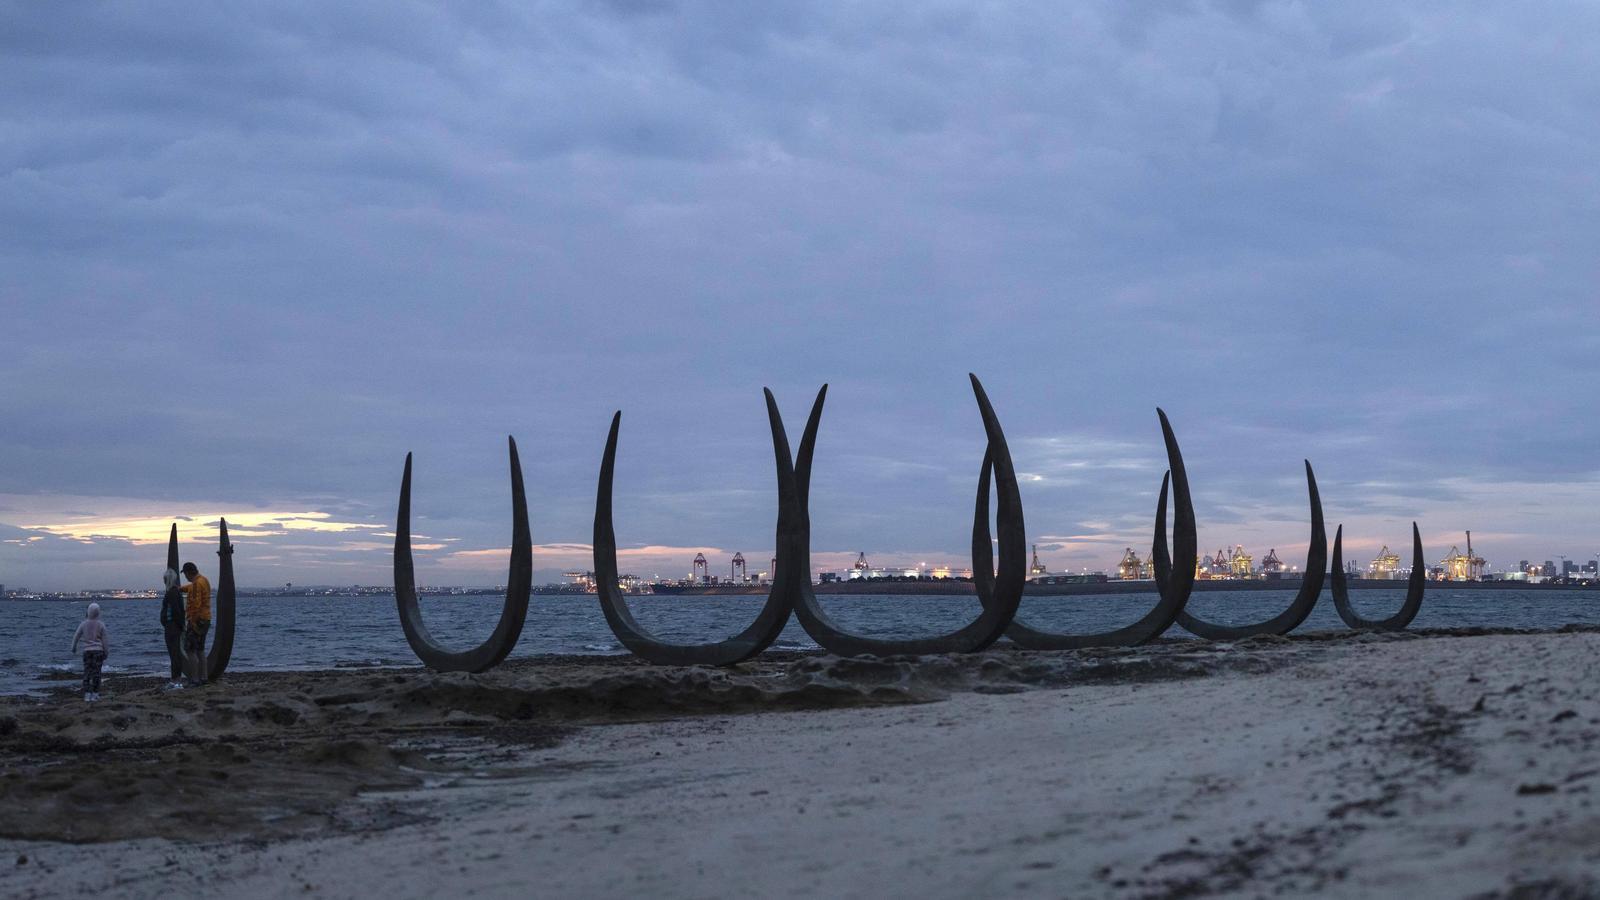 Monument en forma de buc de vaixell situat al lloc on James Cook va fer la primera aturada quan va arribar a la platja, prop de Sydney,  que va anomenar Botany Bay